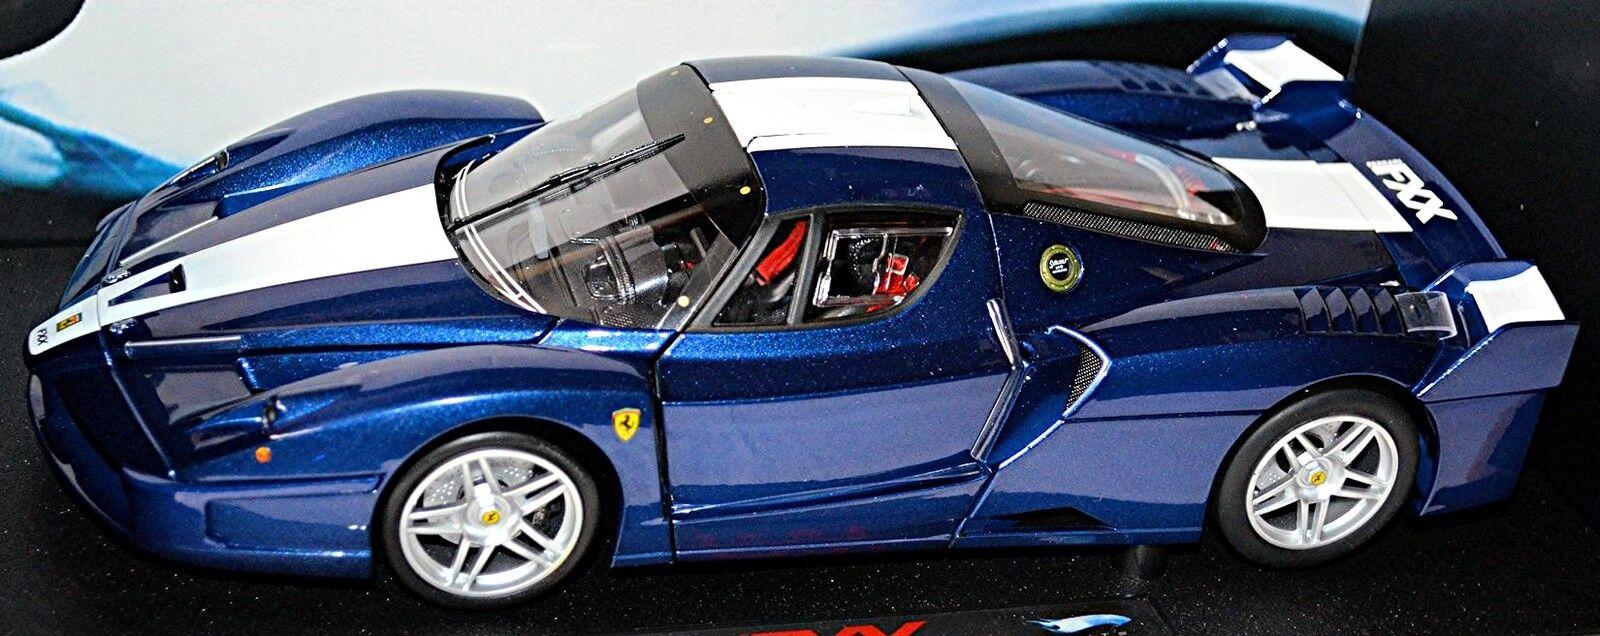 Ferrari FXX Coupe 2005-06 Bleu bleu Metallic 1 18 Elite-Hotwheels